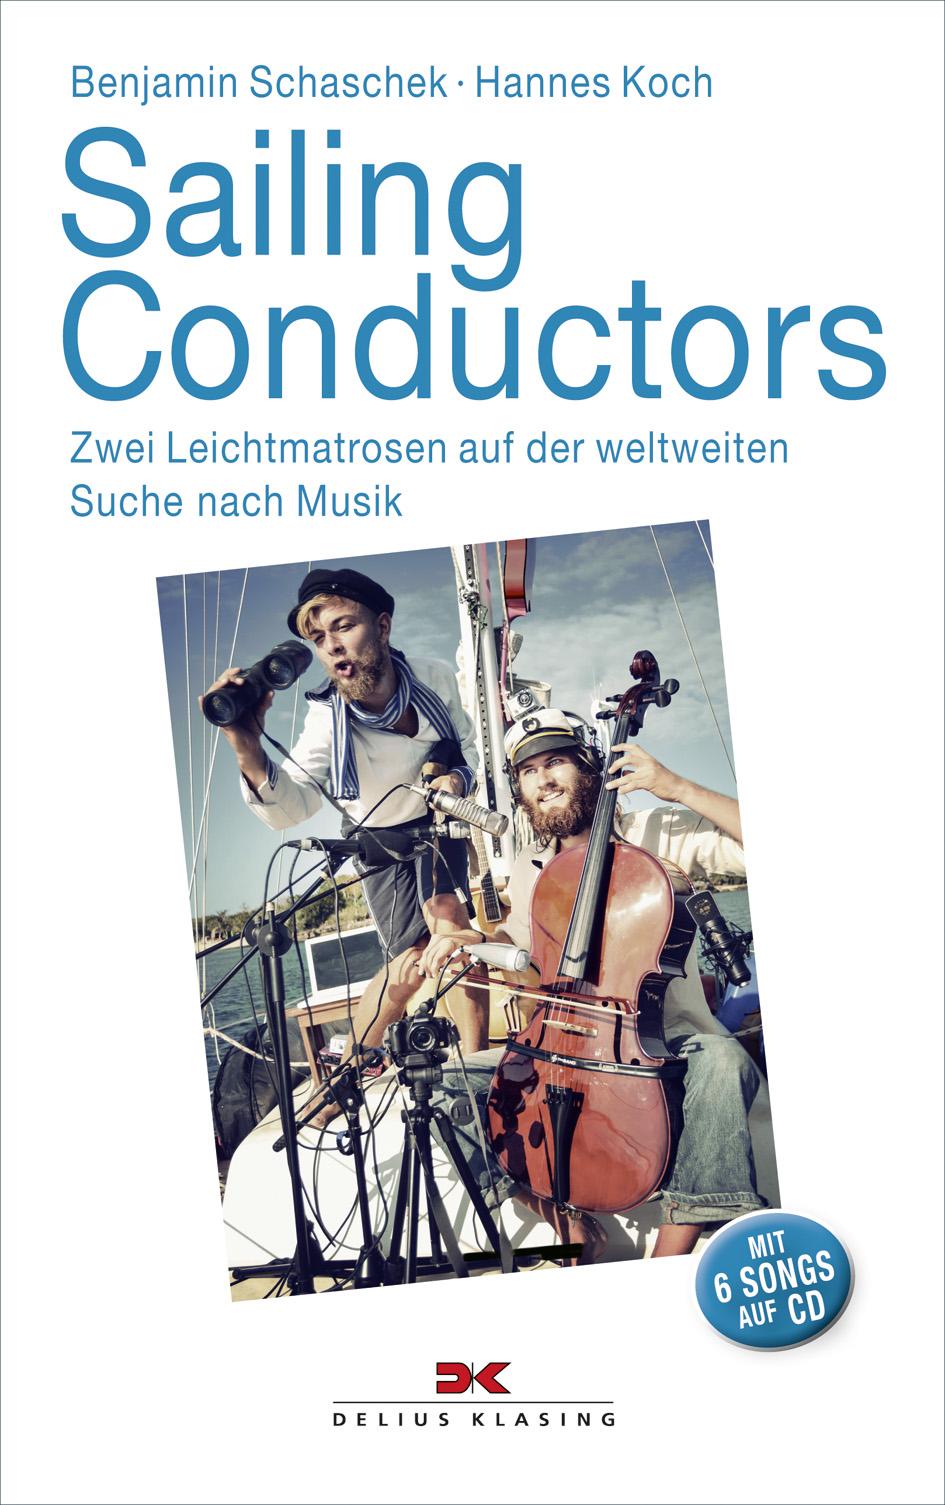 Benjamin Schaschek & Hannes Koch - Sailing Cond...